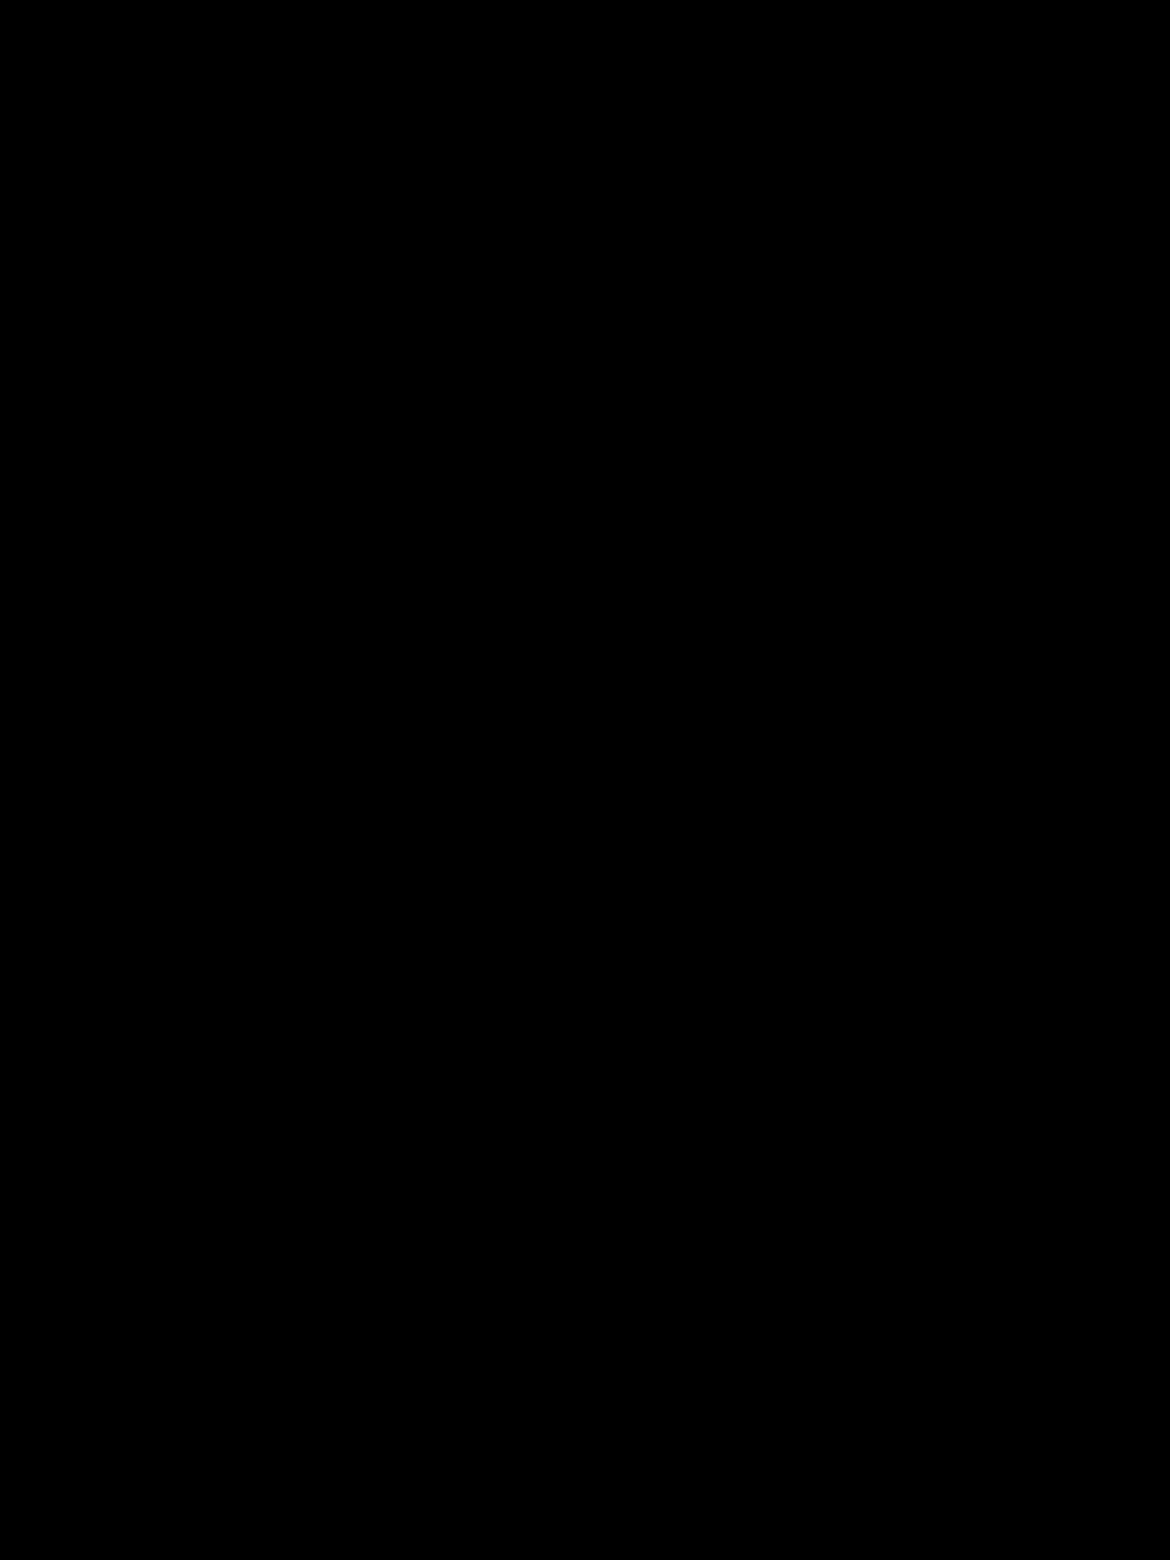 Cappotto rosa: come indossarlo insieme al rosso